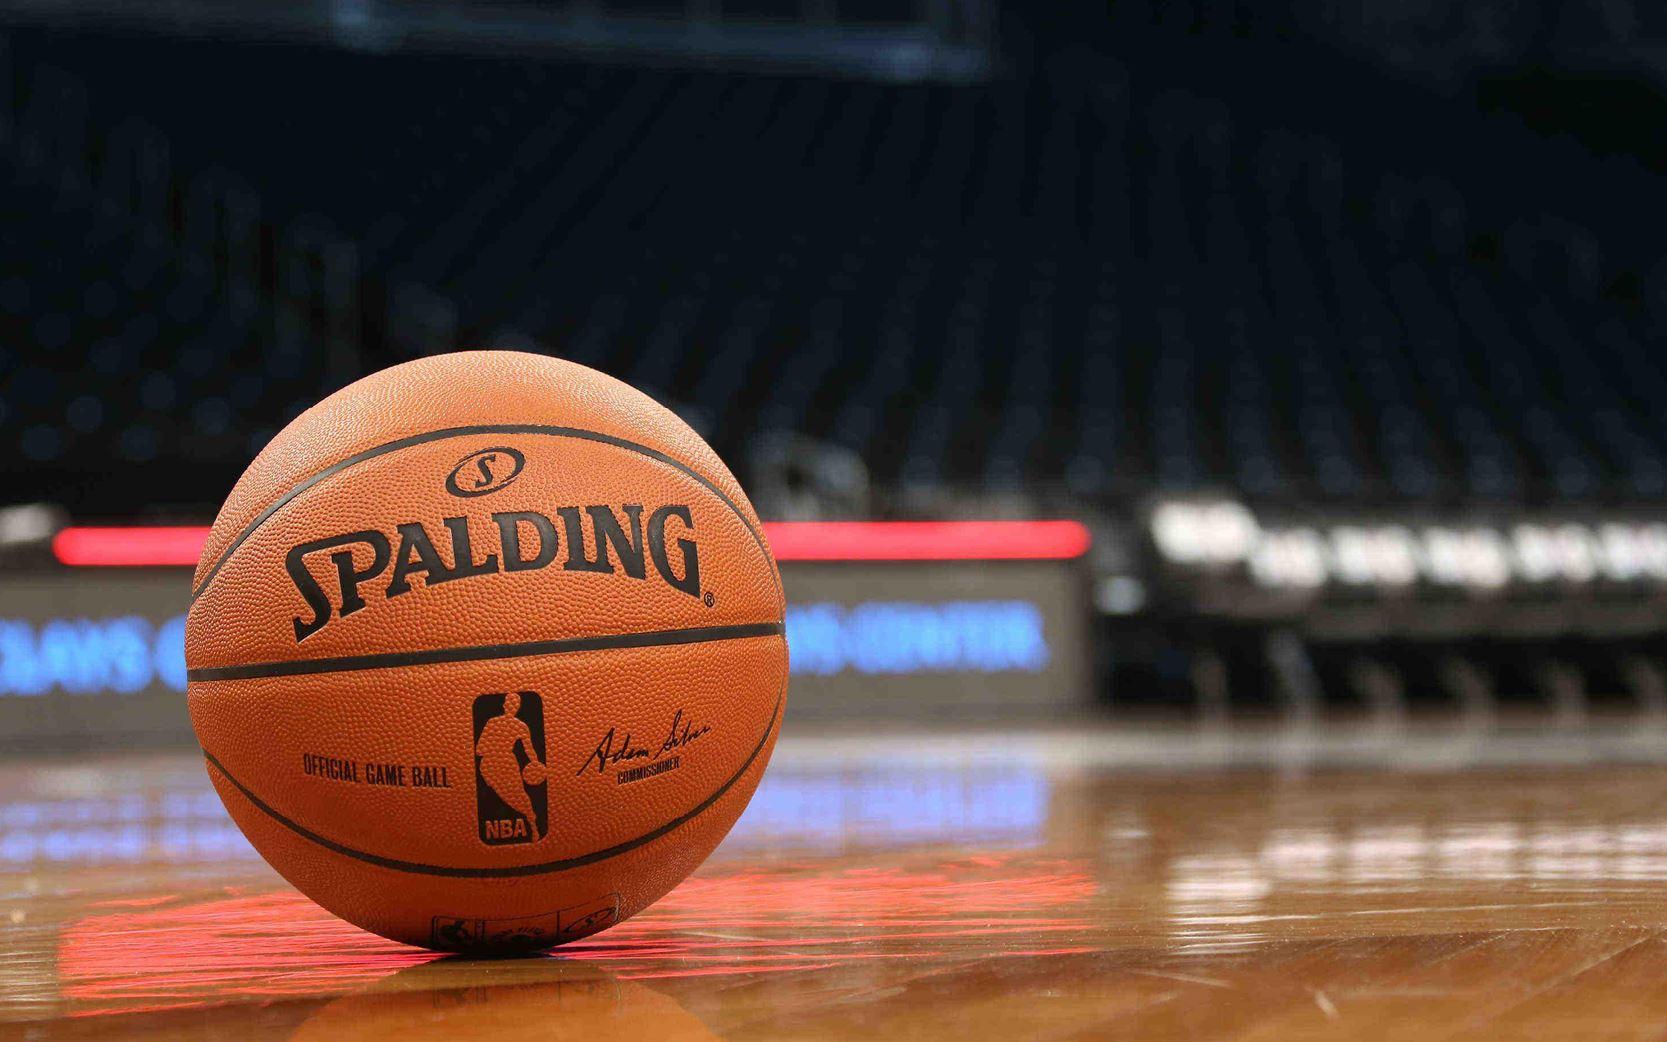 Afbeelding voor categorie Basketbal SPALDING